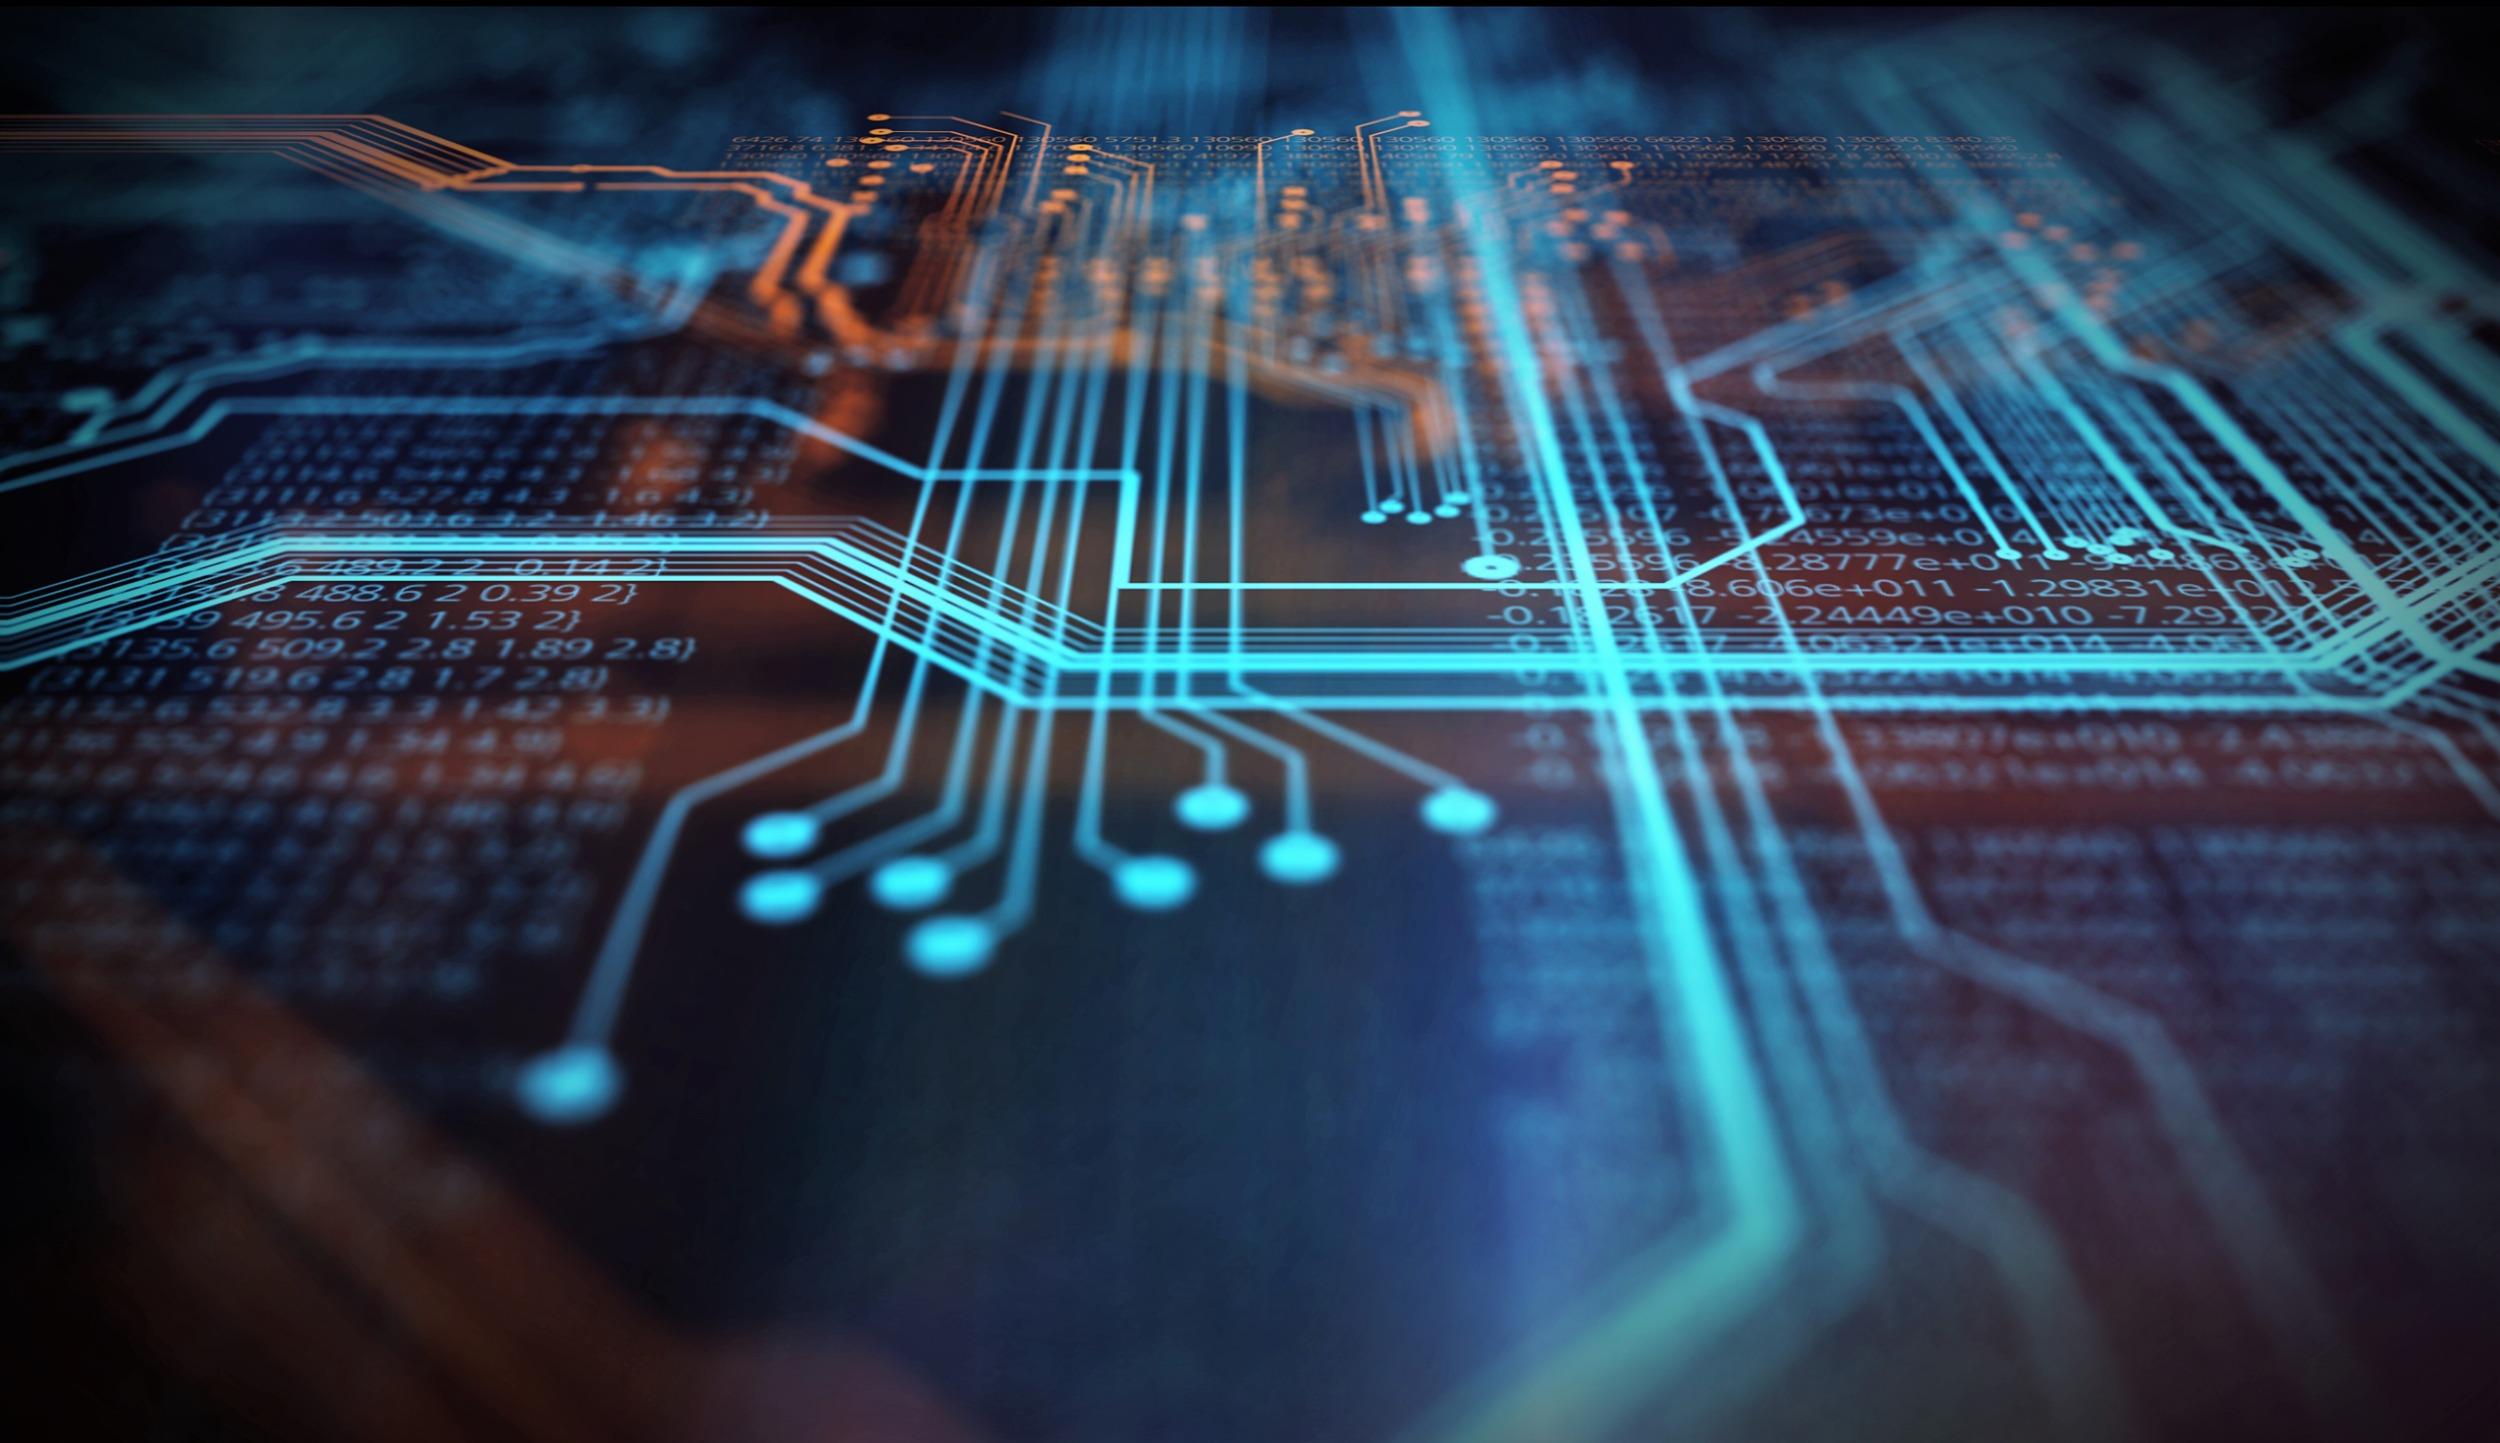 ARM představil novou architekturu Armv9 pro procesory